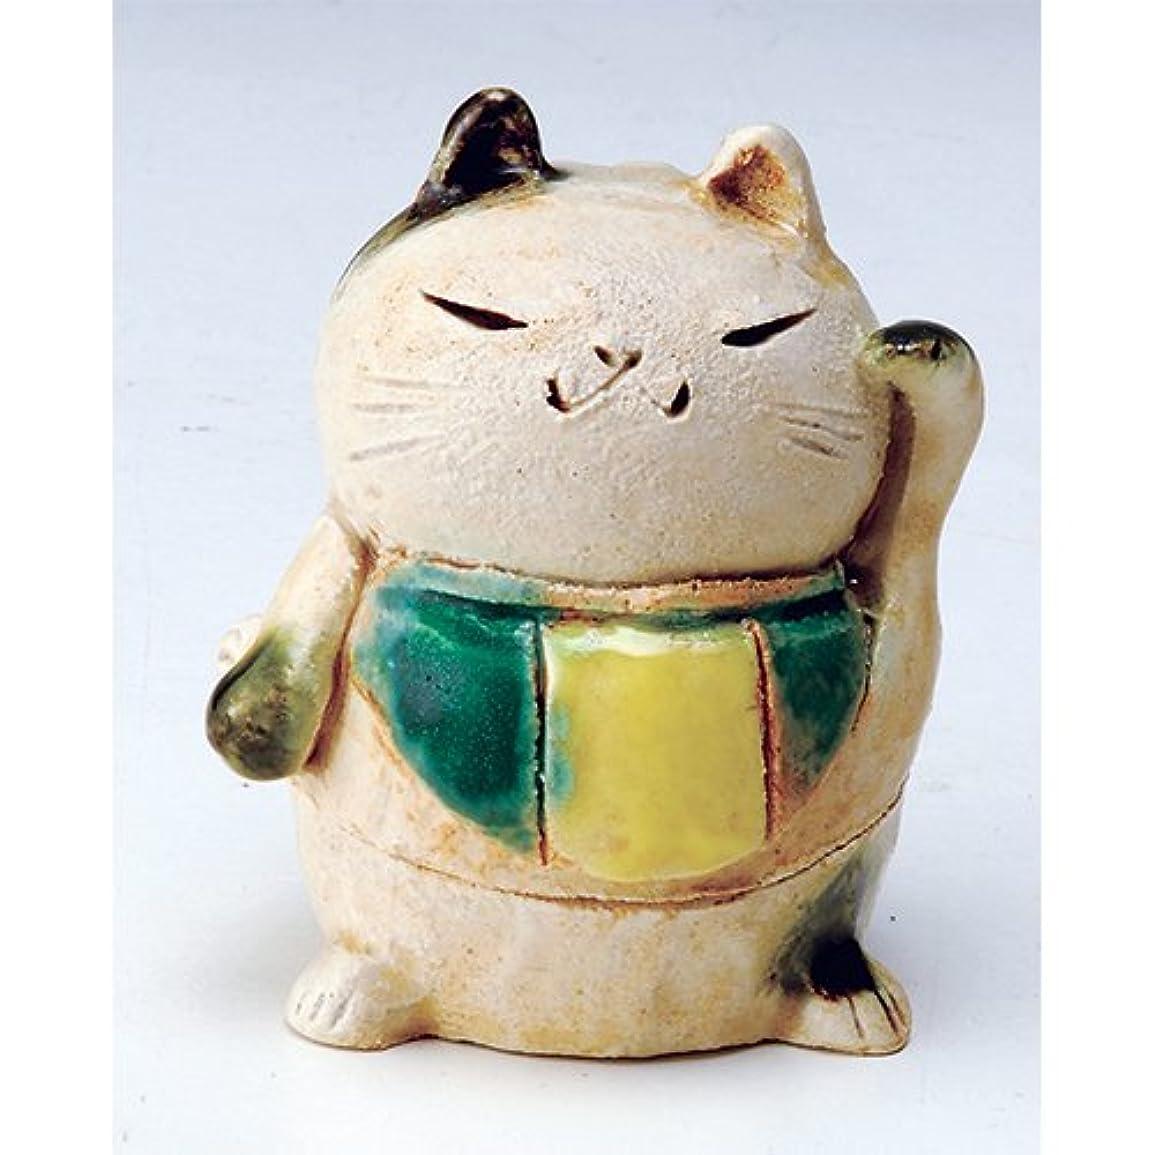 注ぎます把握スリップ香炉 白萩 招き猫(人)香炉(小) [H8cm] HANDMADE プレゼント ギフト 和食器 かわいい インテリア